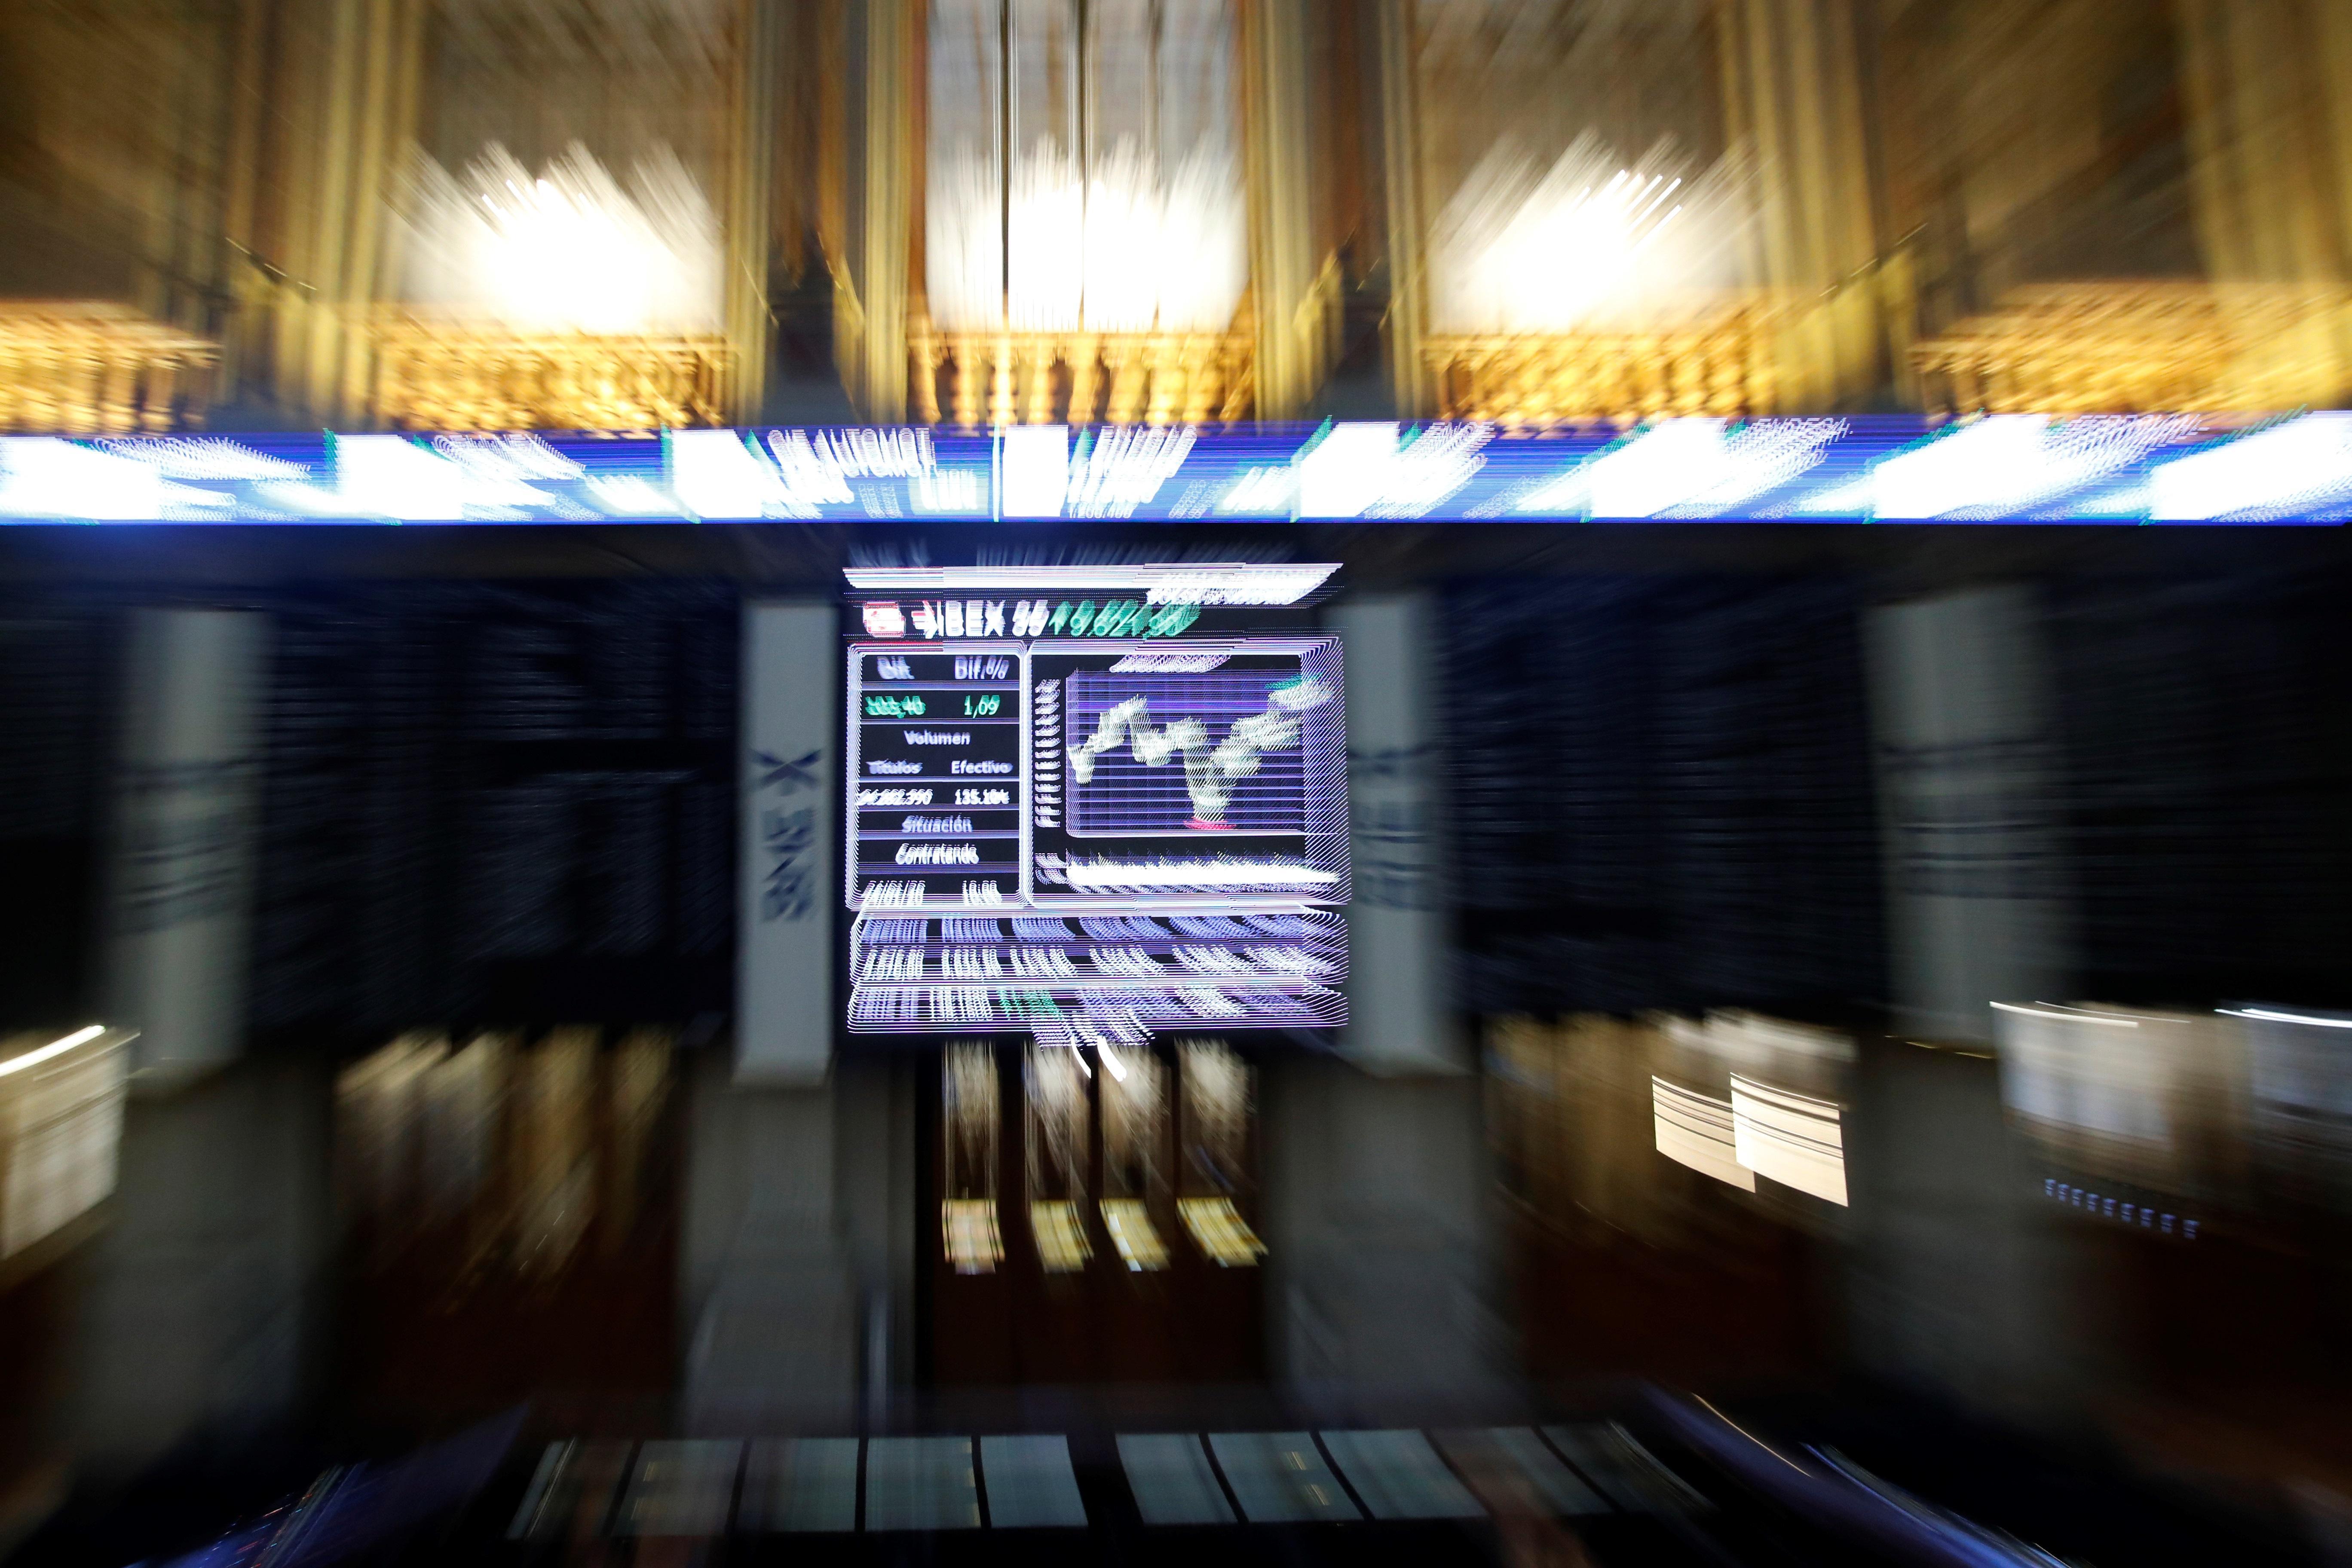 Bolsa Madrid: Fuerte caída del Ibex 35, que cotiza en mínimos anuales tras caer un 1,92%